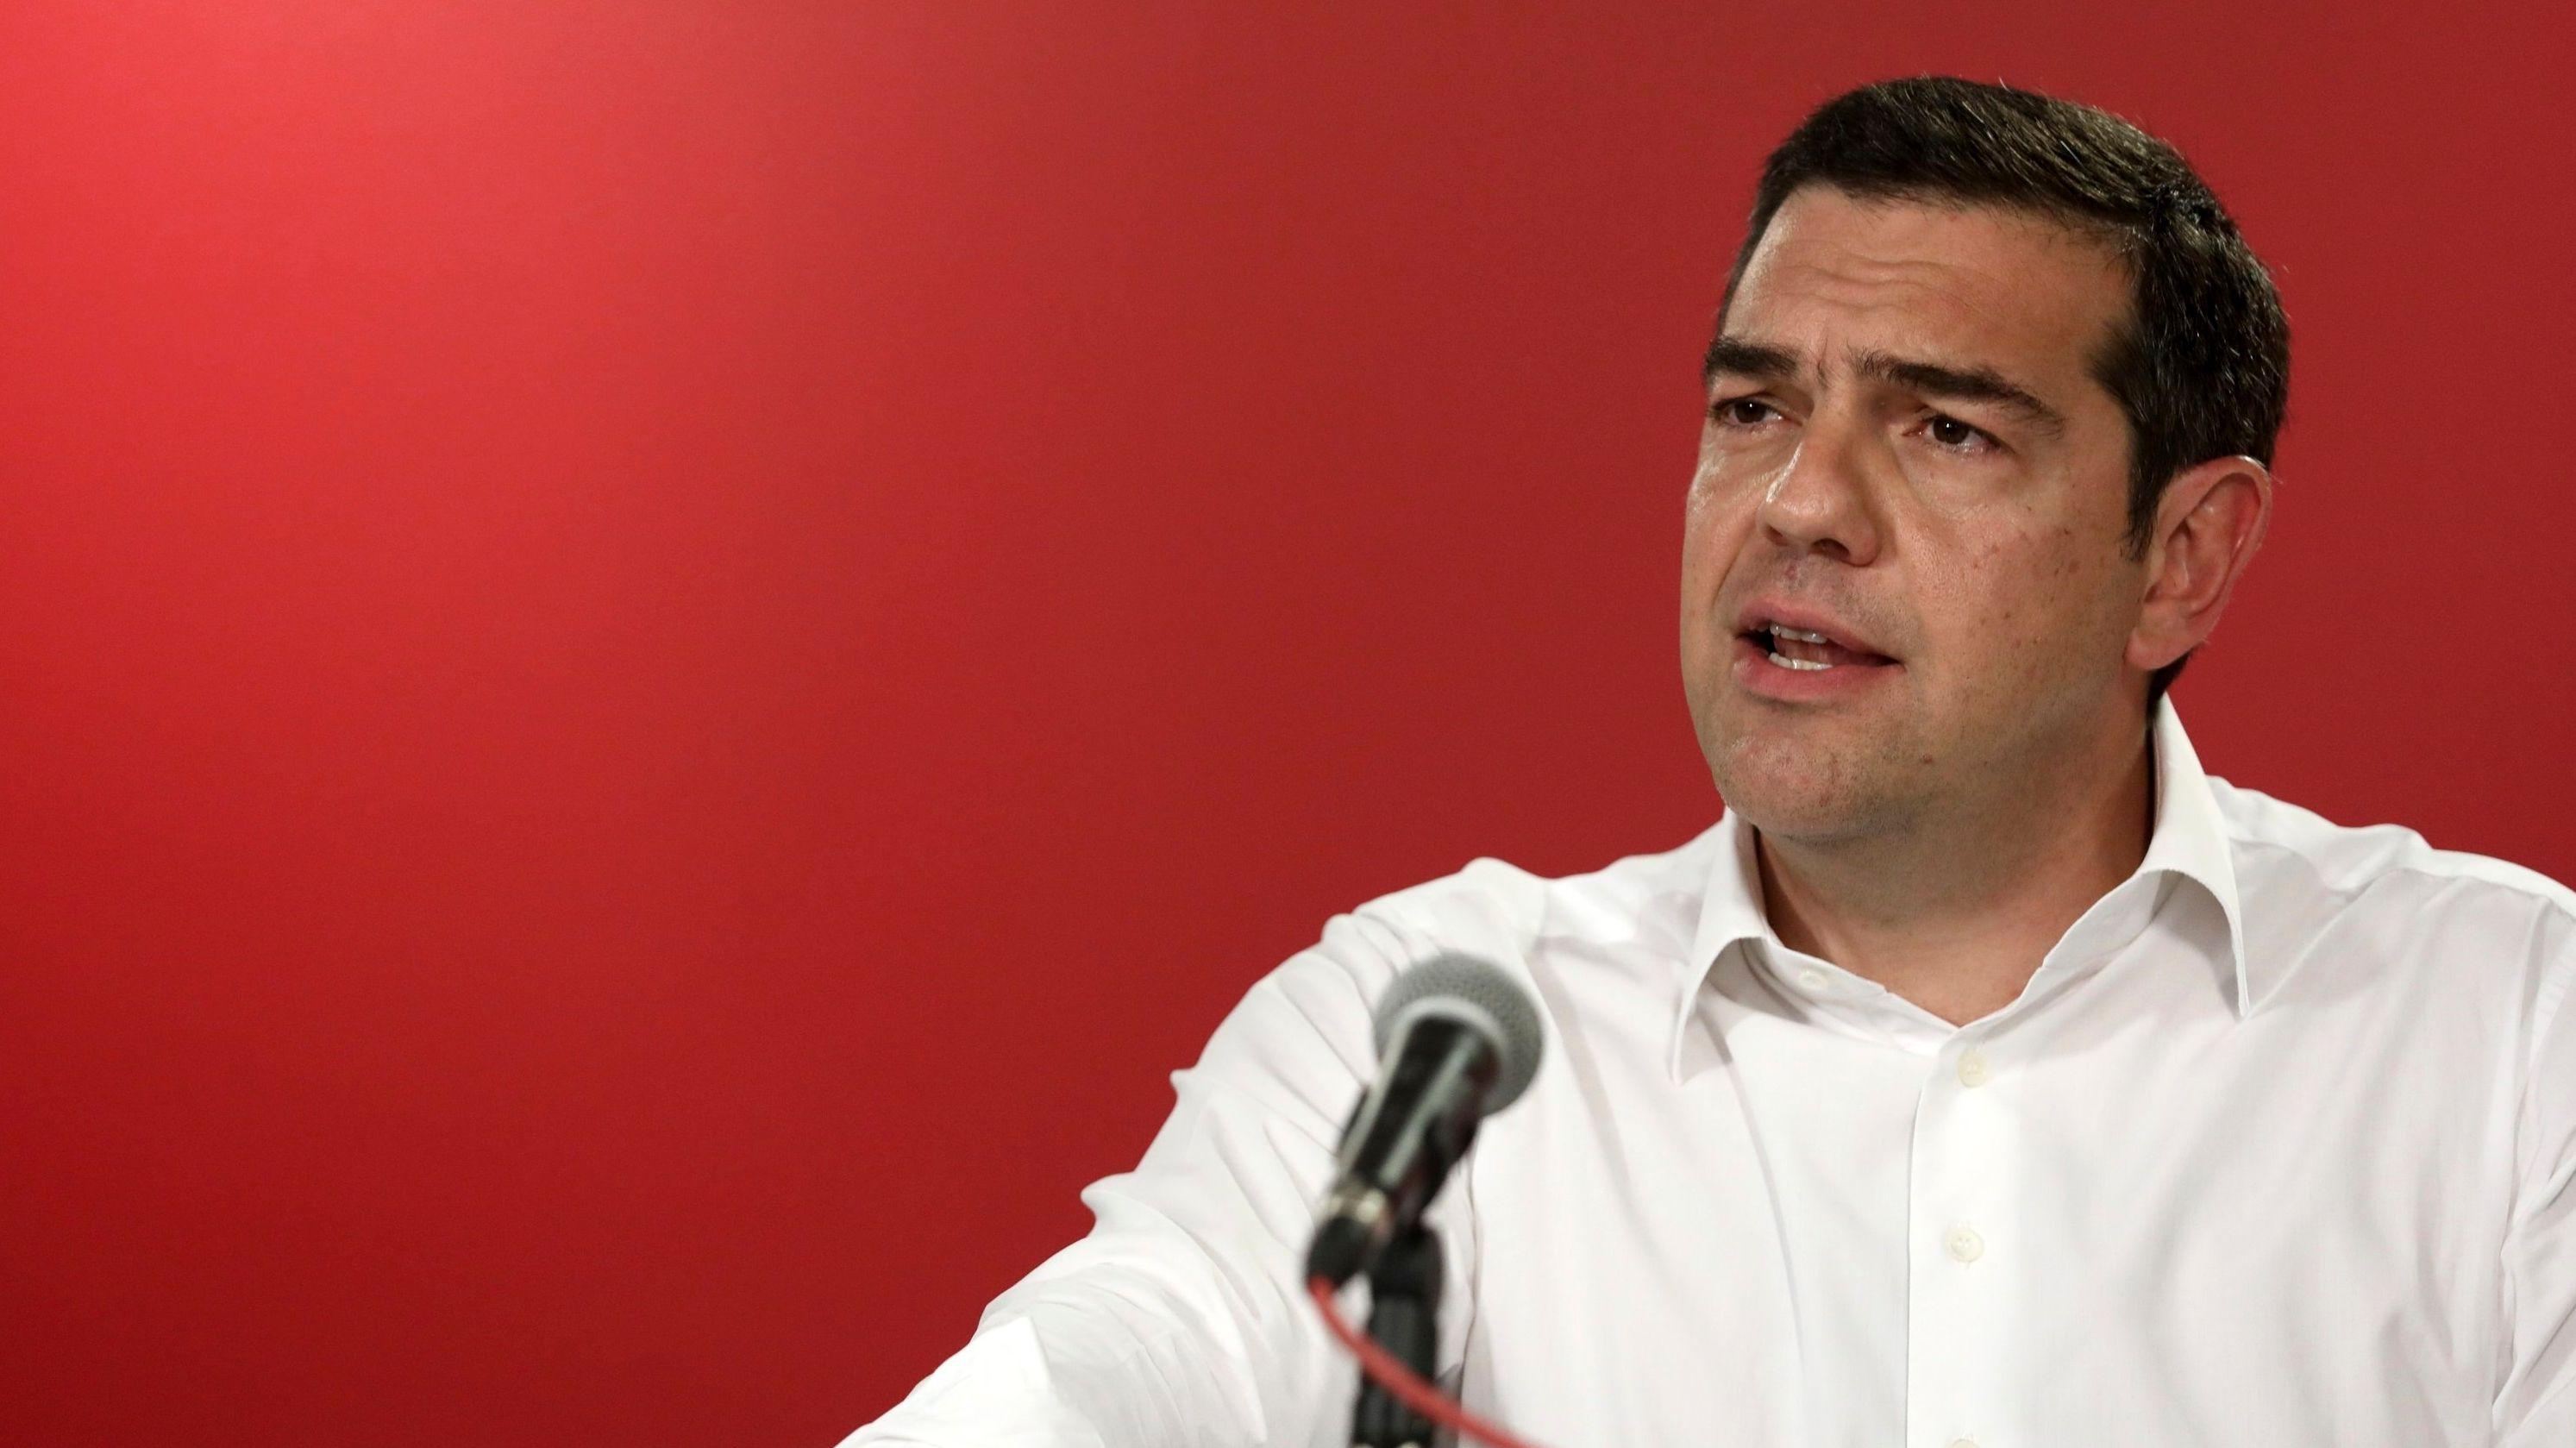 Alexis Tsipras, Premierminister von Griechenland, spricht nach der Europawahl in der Parteizentrale.